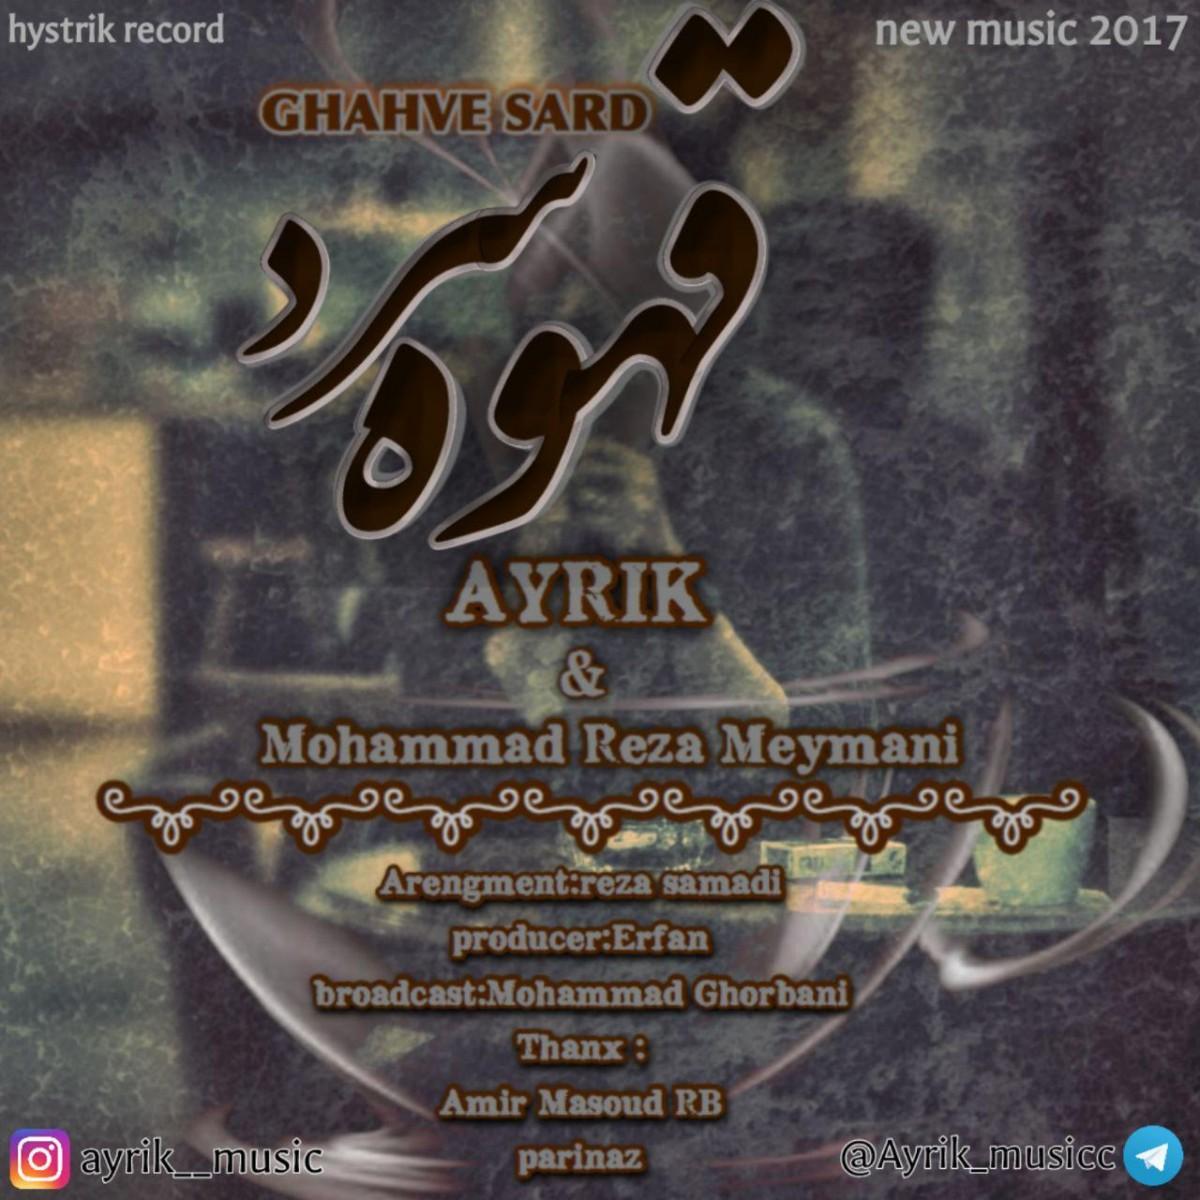 نامبر وان موزیک | دانلود آهنگ جدید Ayrik-Ghahve-Sard-Ft-Mohammadreza-Meymani